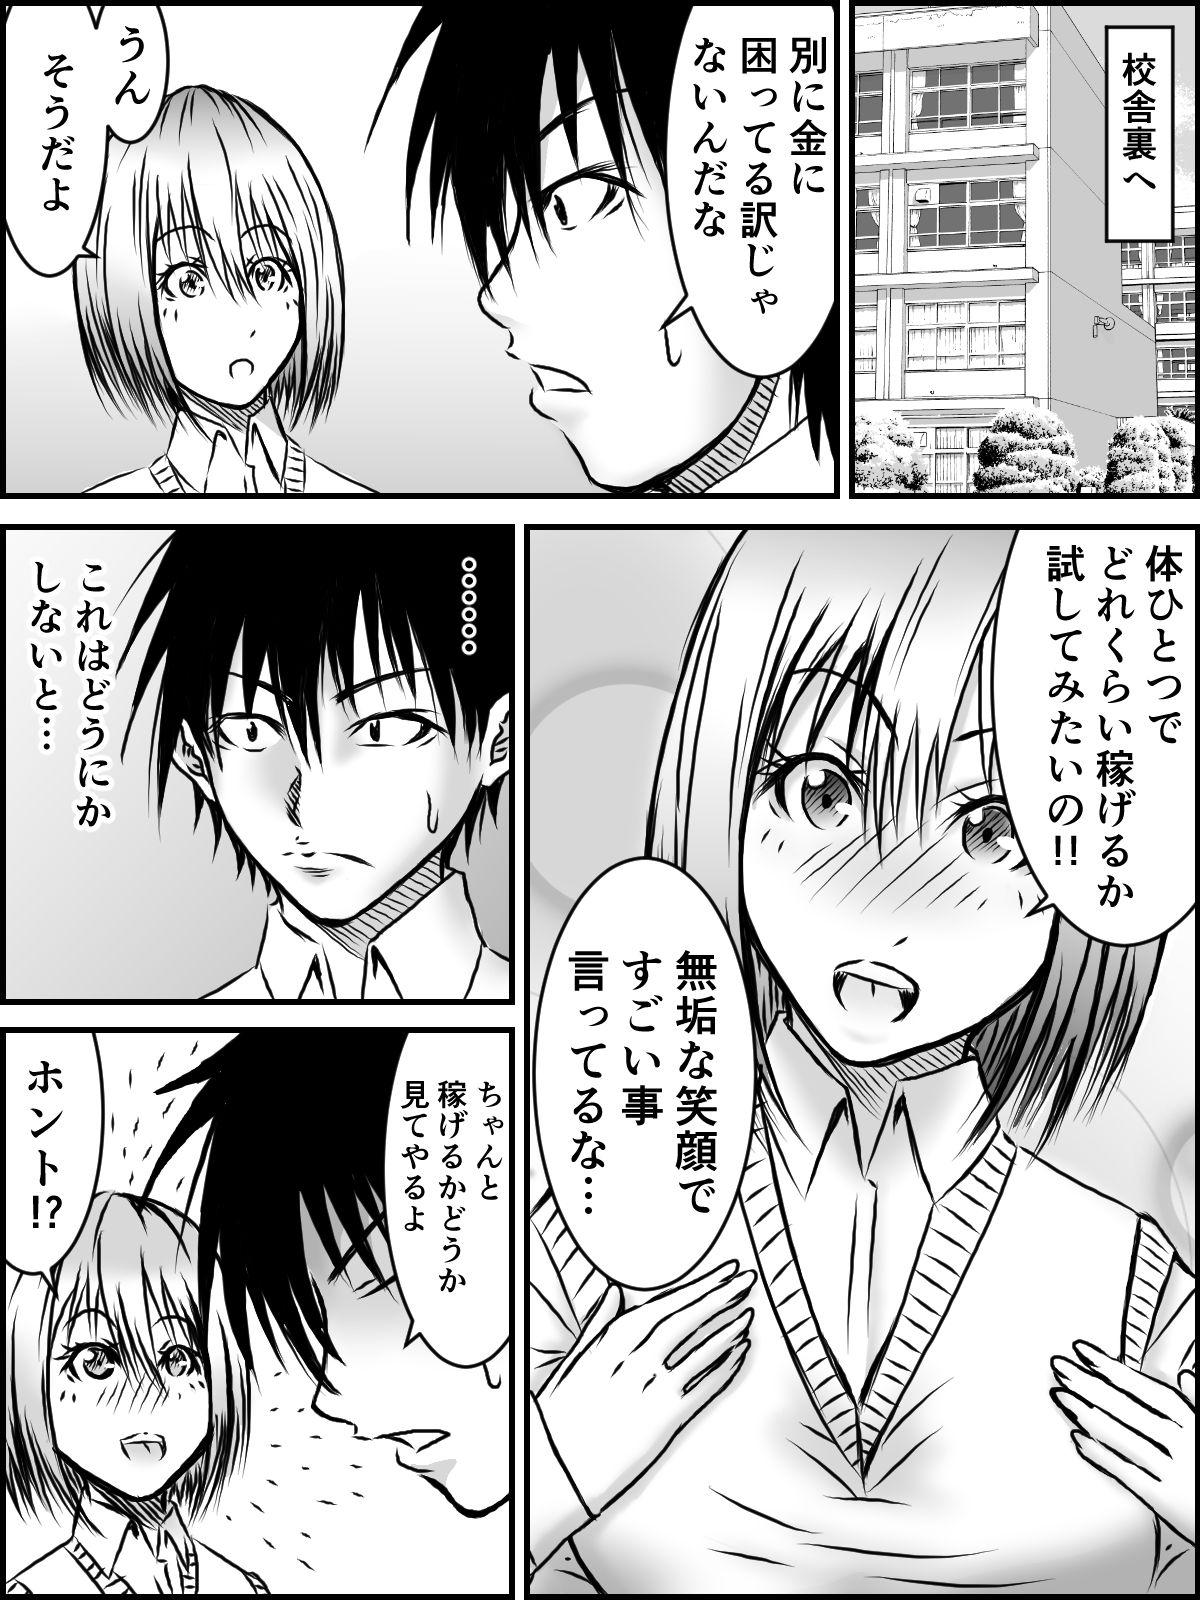 Kiss wa ¥300 1